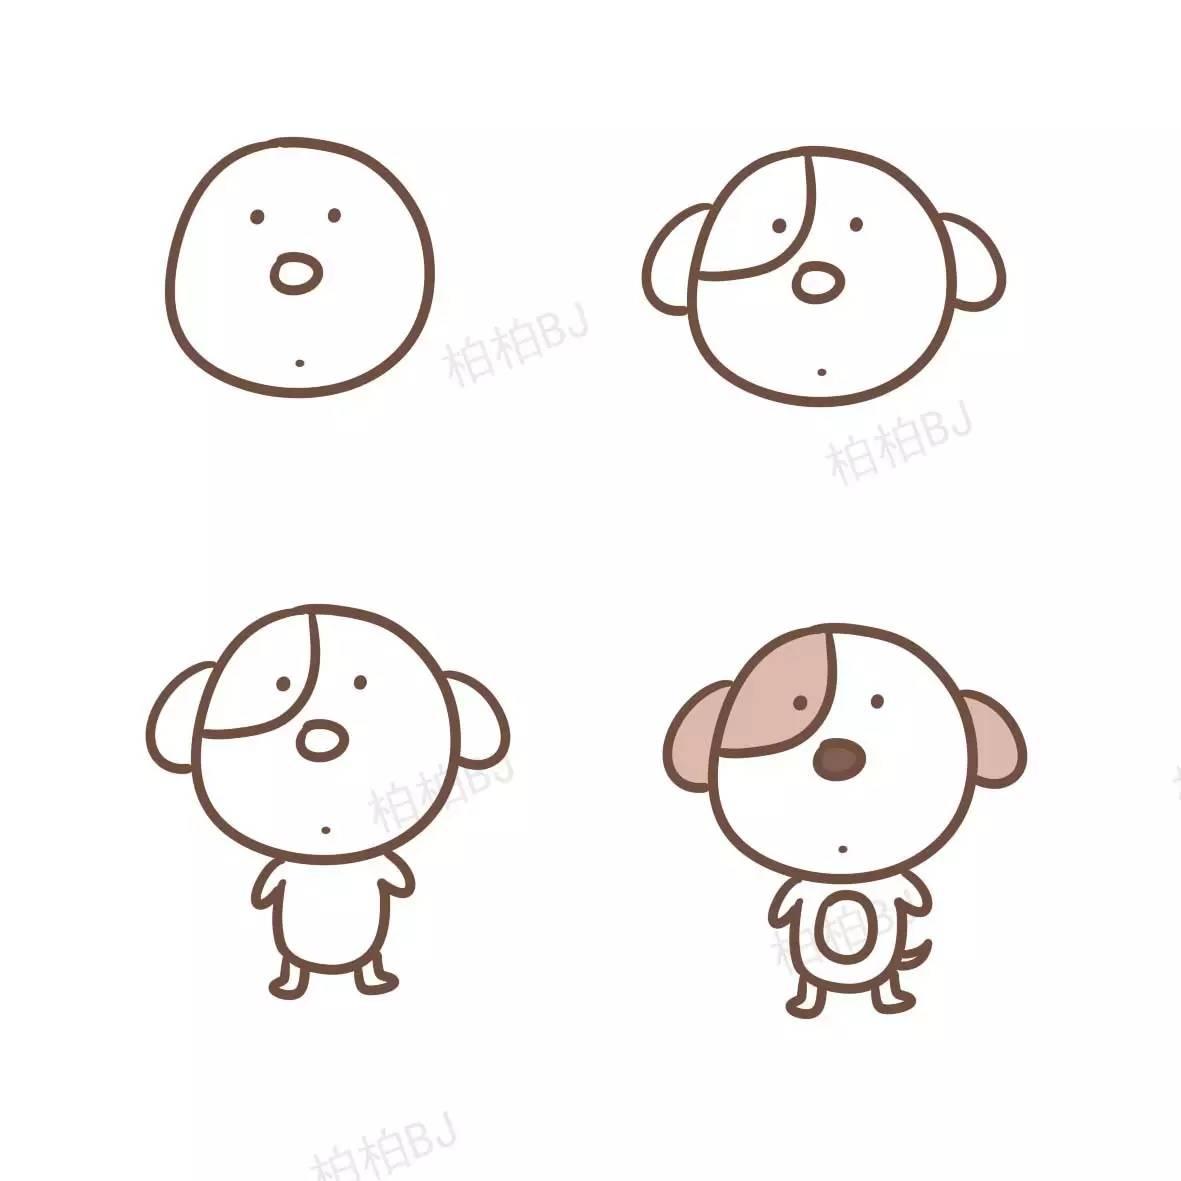 分享九种简笔画小狗狗的画法 柏柏bj 简笔画 小狗狗 画法 新浪网